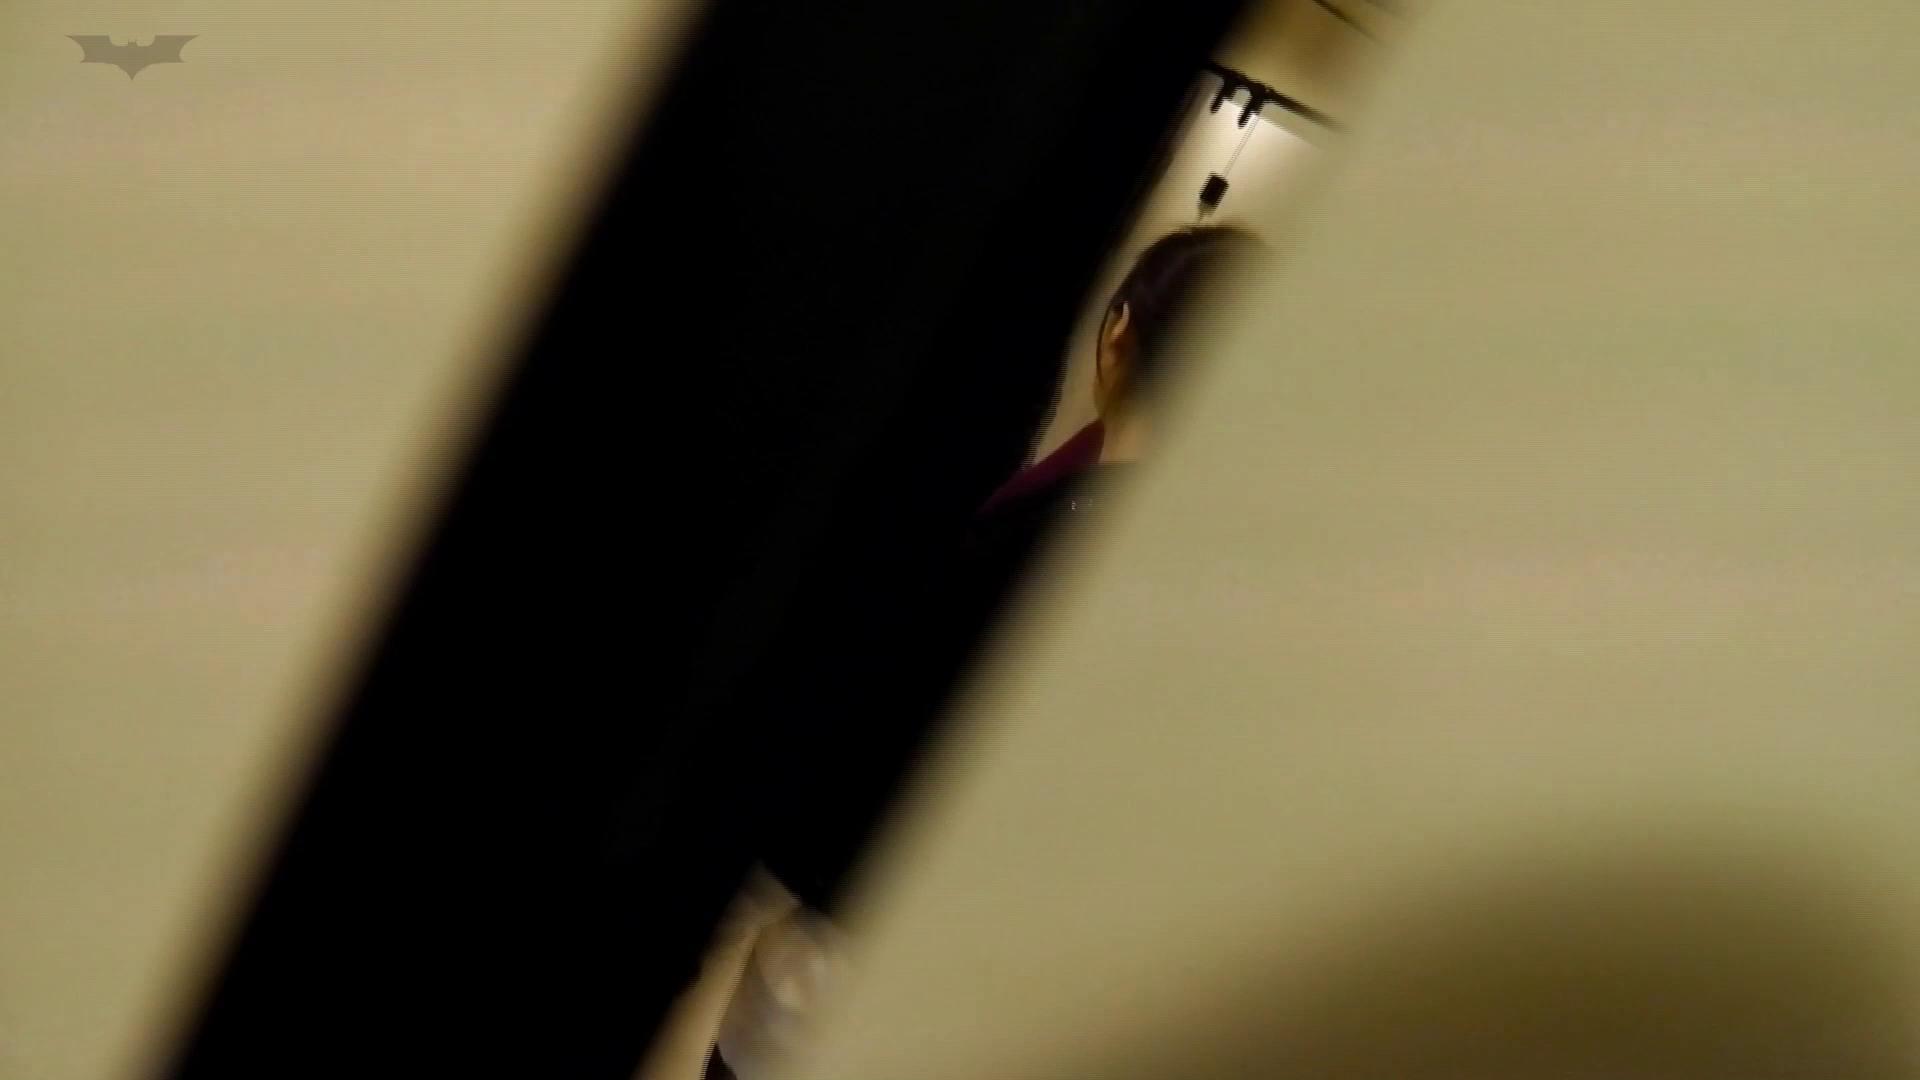 新世界の射窓 No78 トリンドル 玲奈似登場シリーズ美女率最高作! ギャル攻め アダルト動画キャプチャ 103画像 56